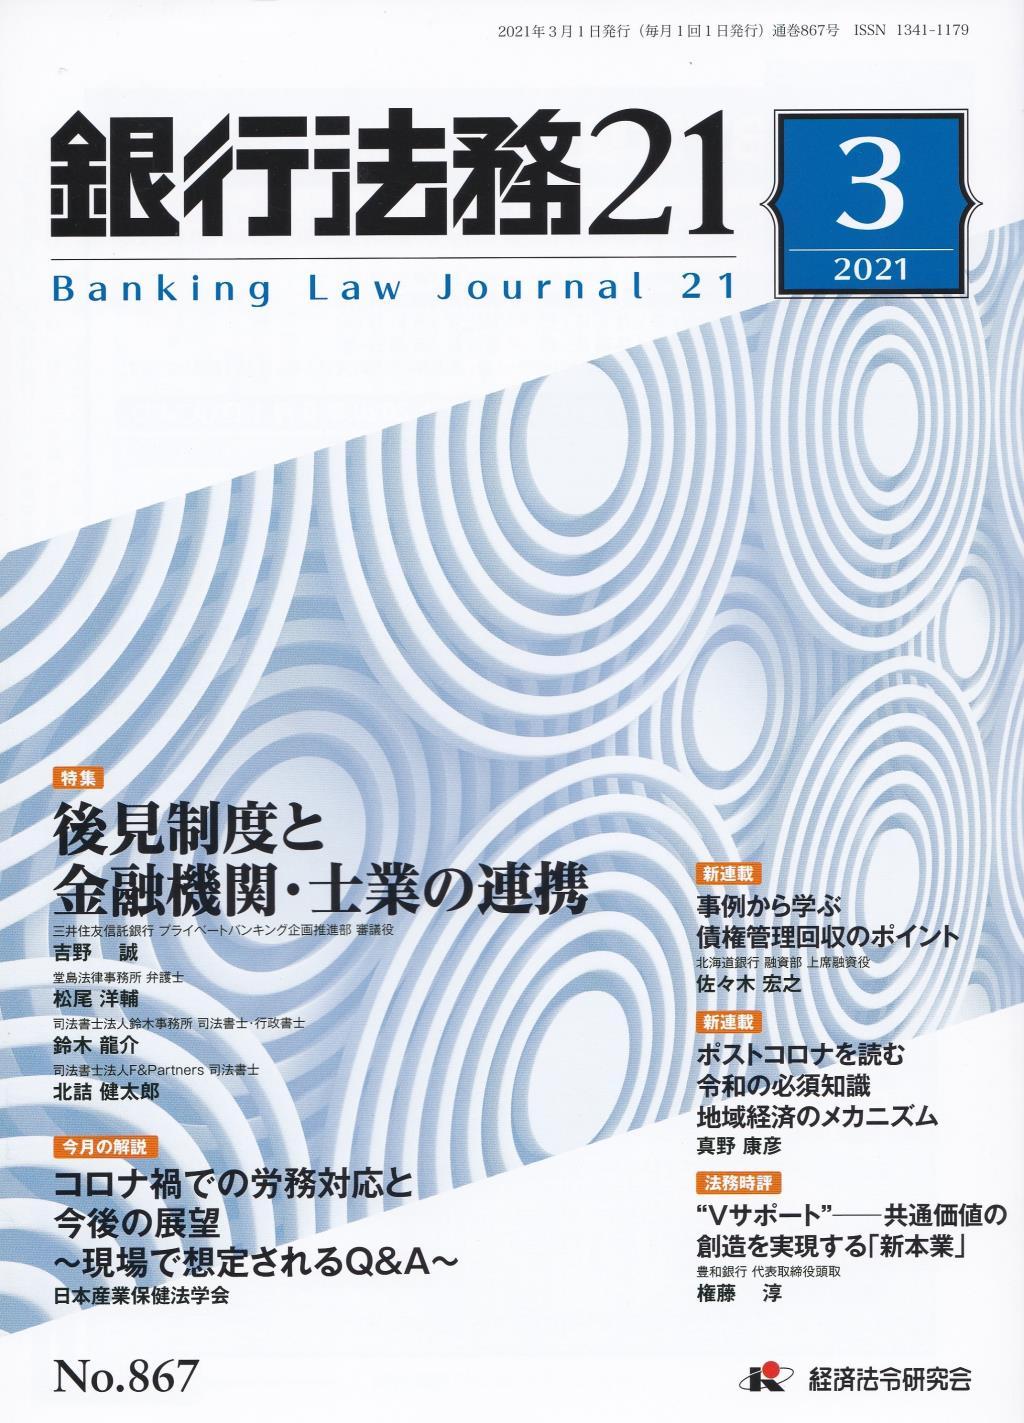 銀行法務21 2021年3月号 第65巻第3号(通巻867号)